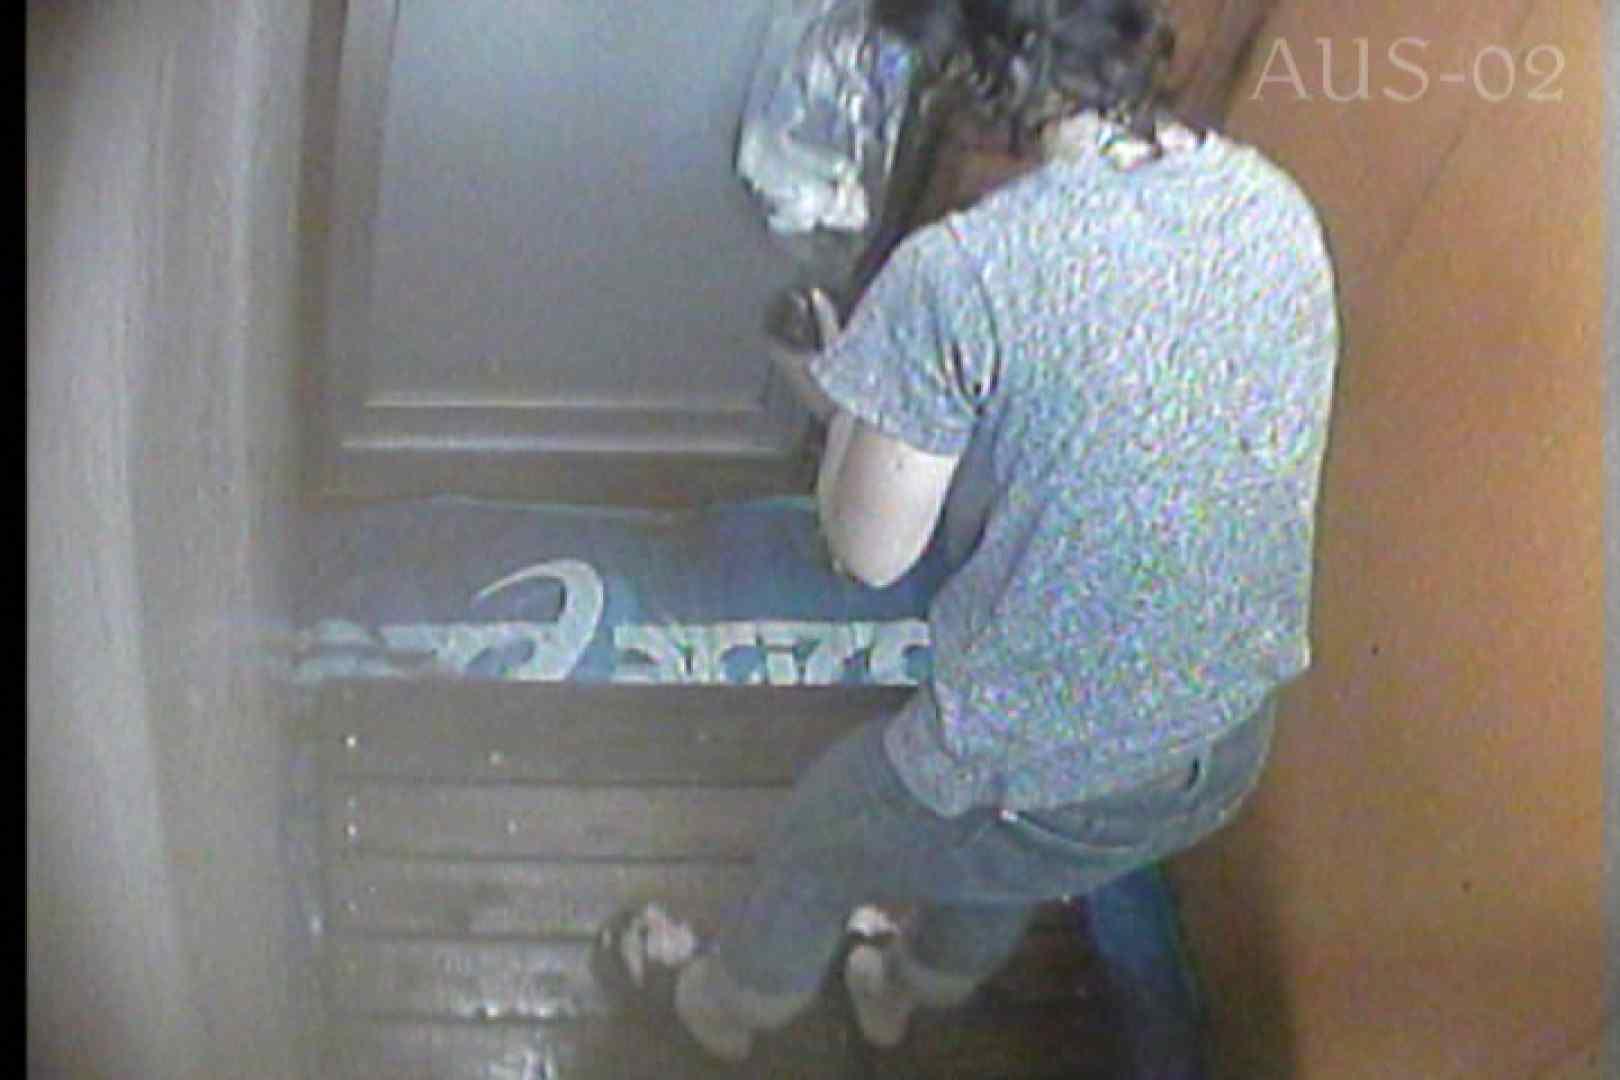 海の家の更衣室 Vol.09 シャワー室 AV無料動画キャプチャ 101画像 19